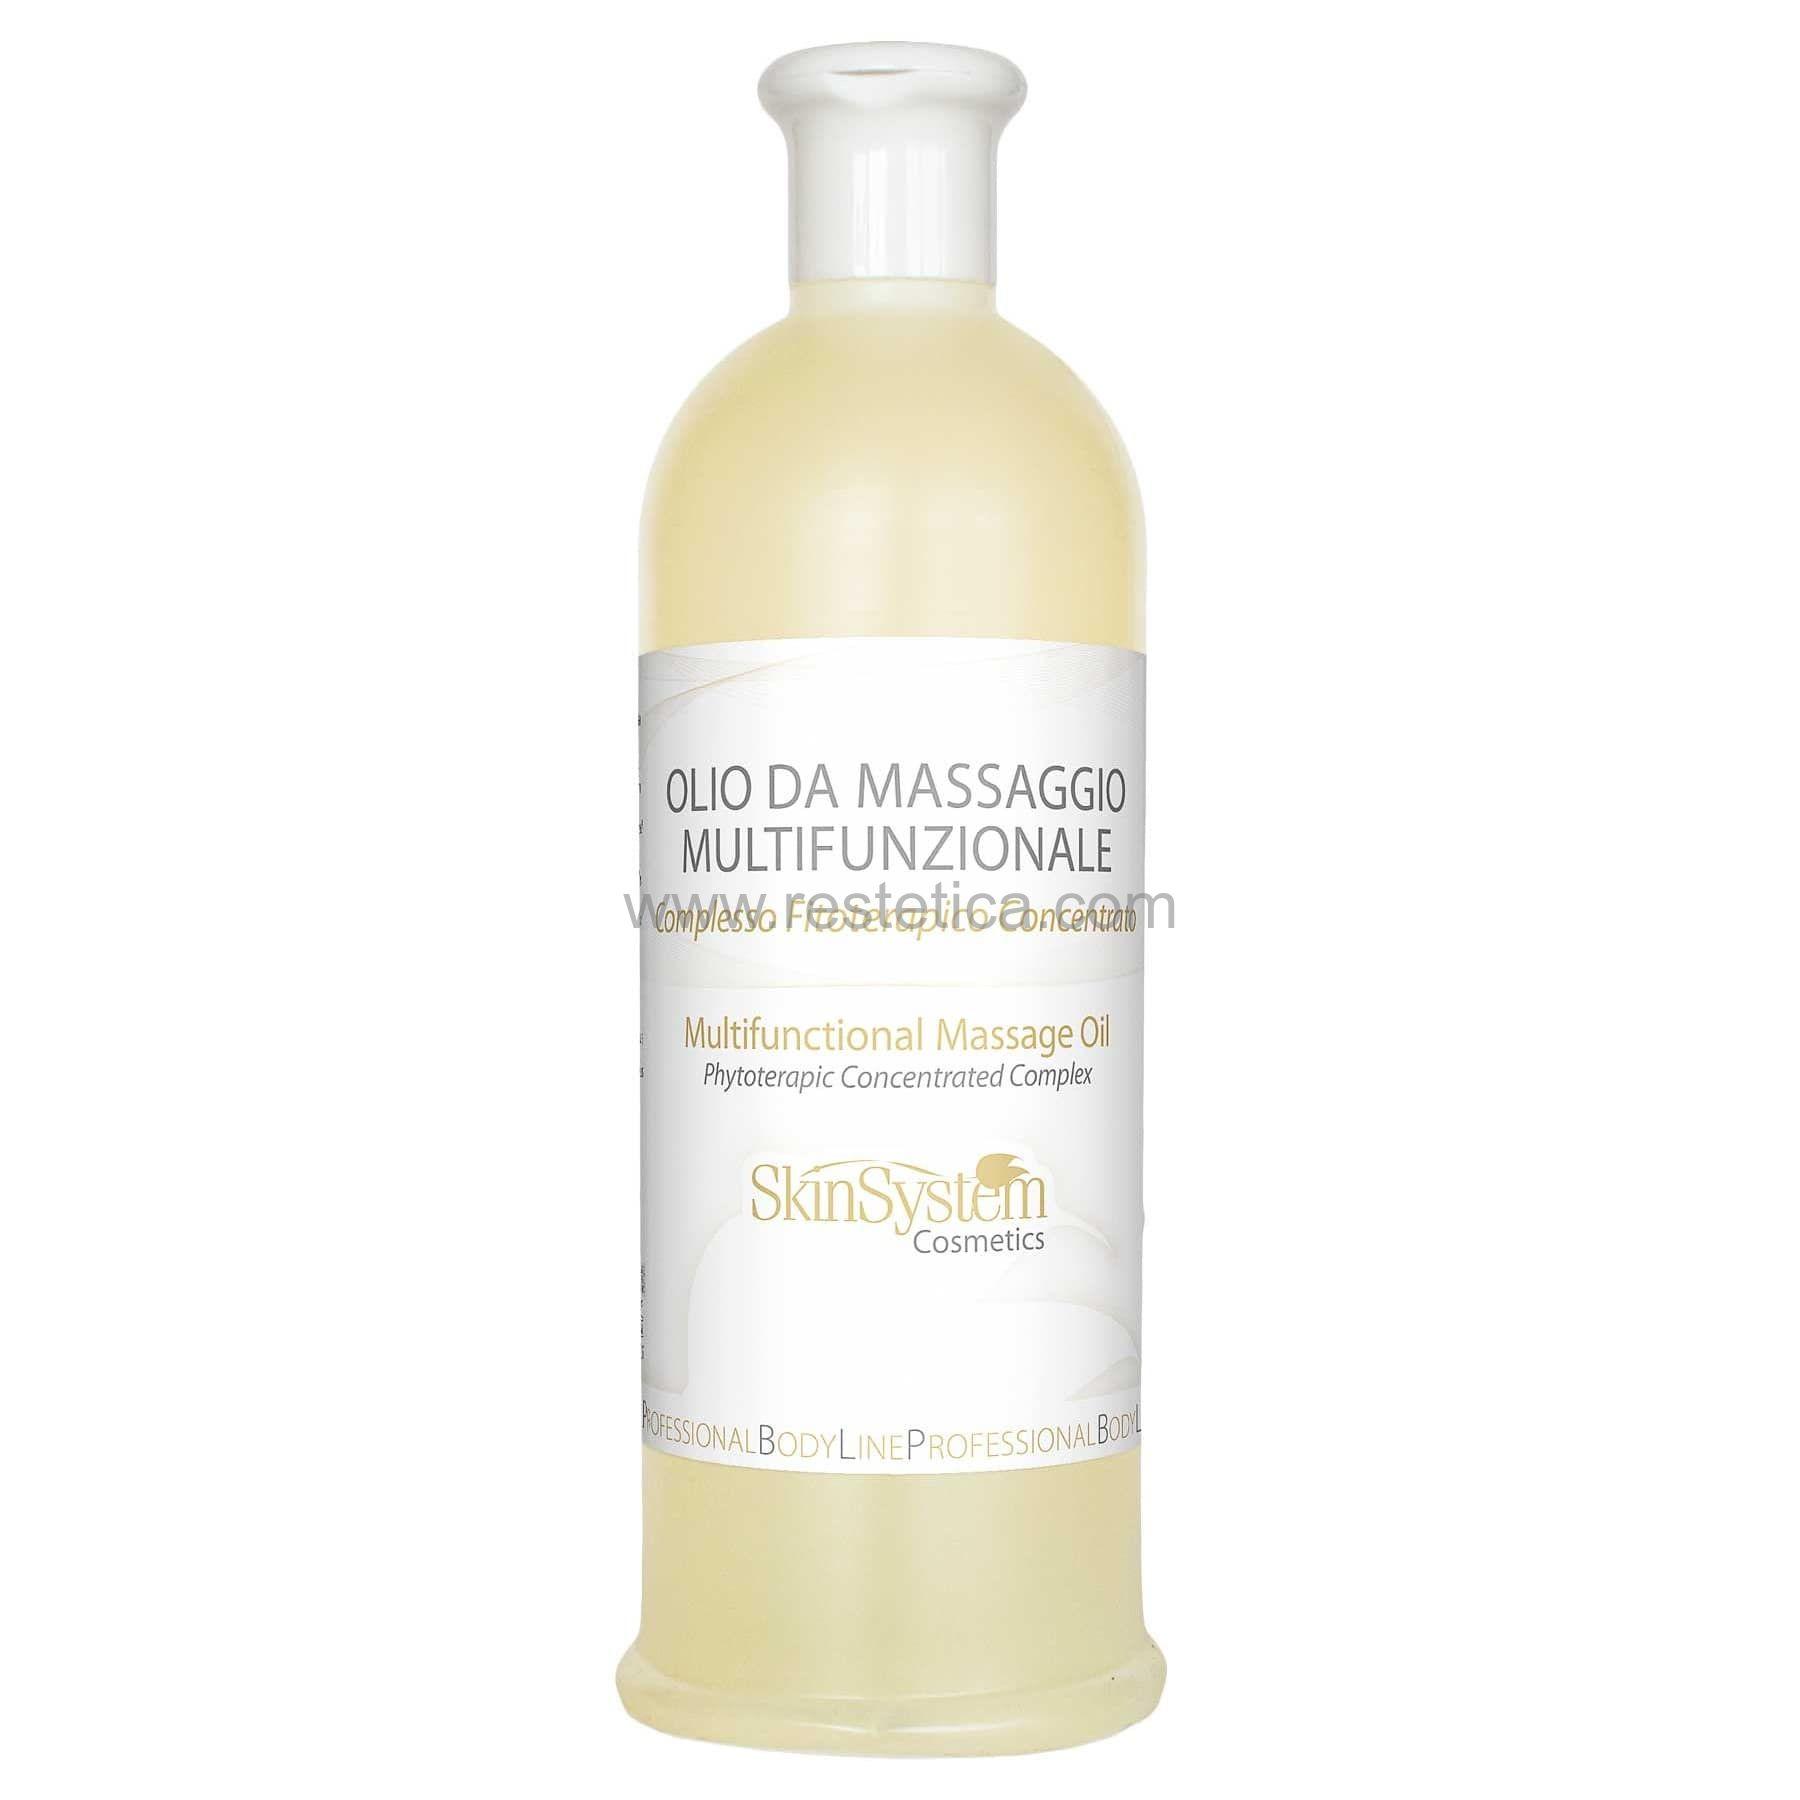 Olio da massaggio Multifunzionale SkinSystem 0040020064 -  Flacone 500ml